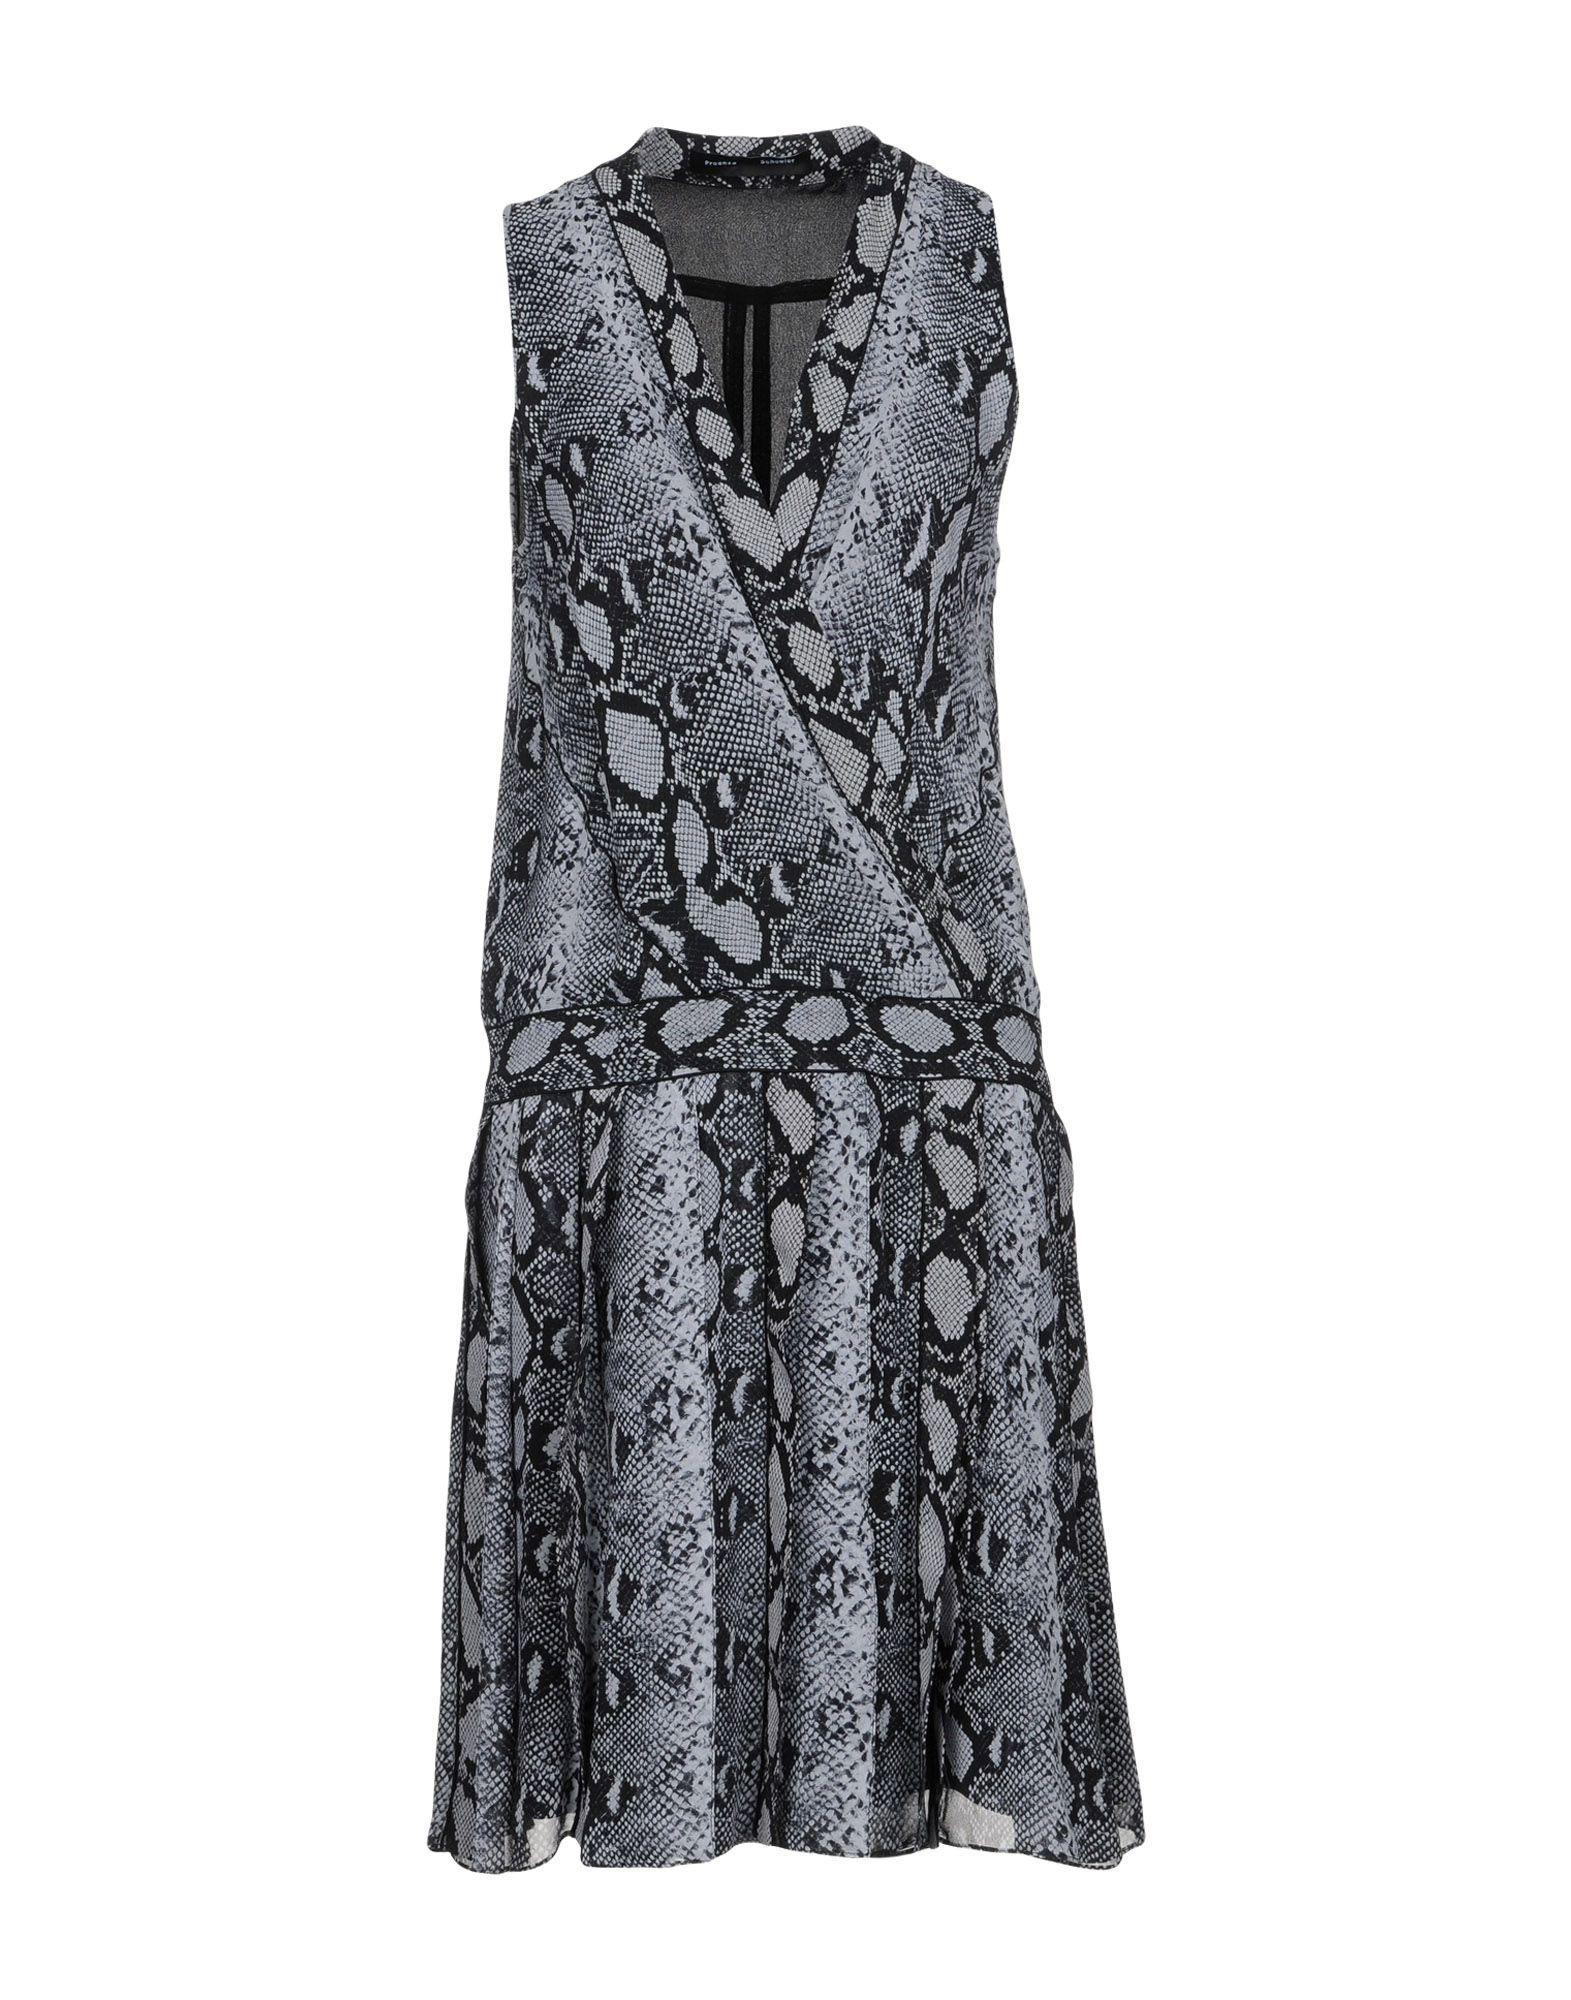 Proenza Schouler Knee-Length Dresses In Grey